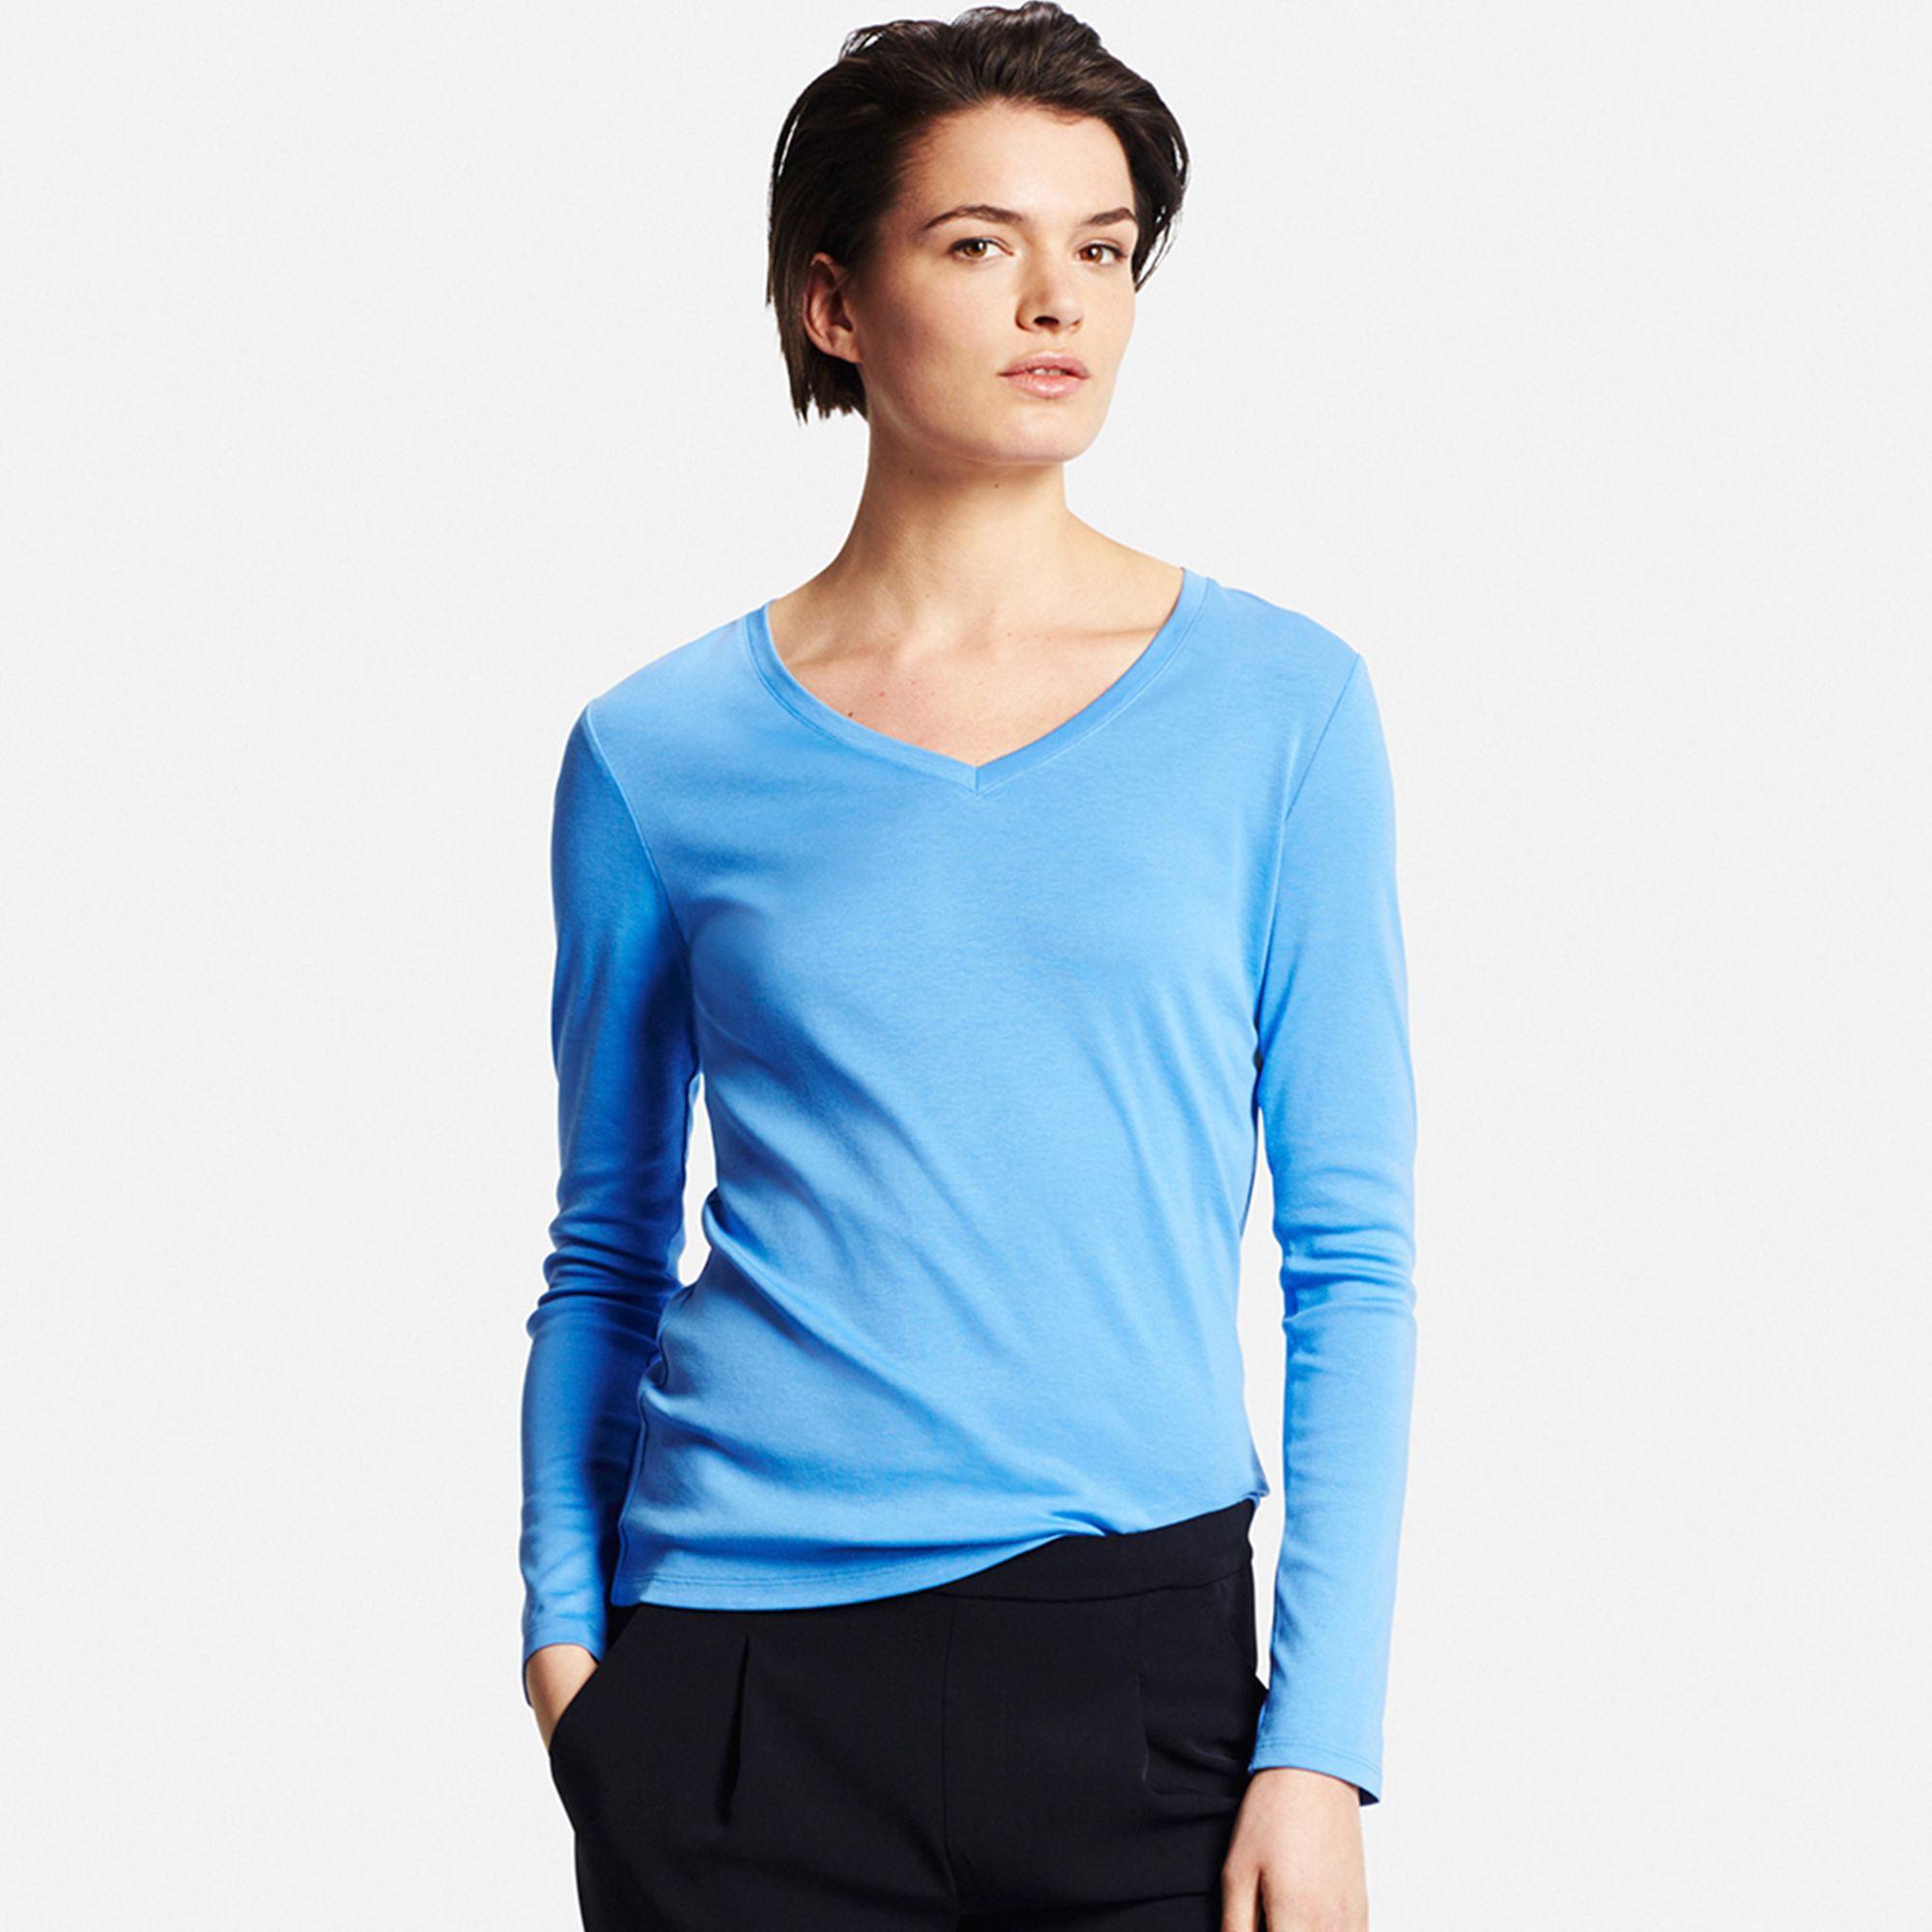 El Algodón Pima De Las Mujeres Camisetas kyPeOM